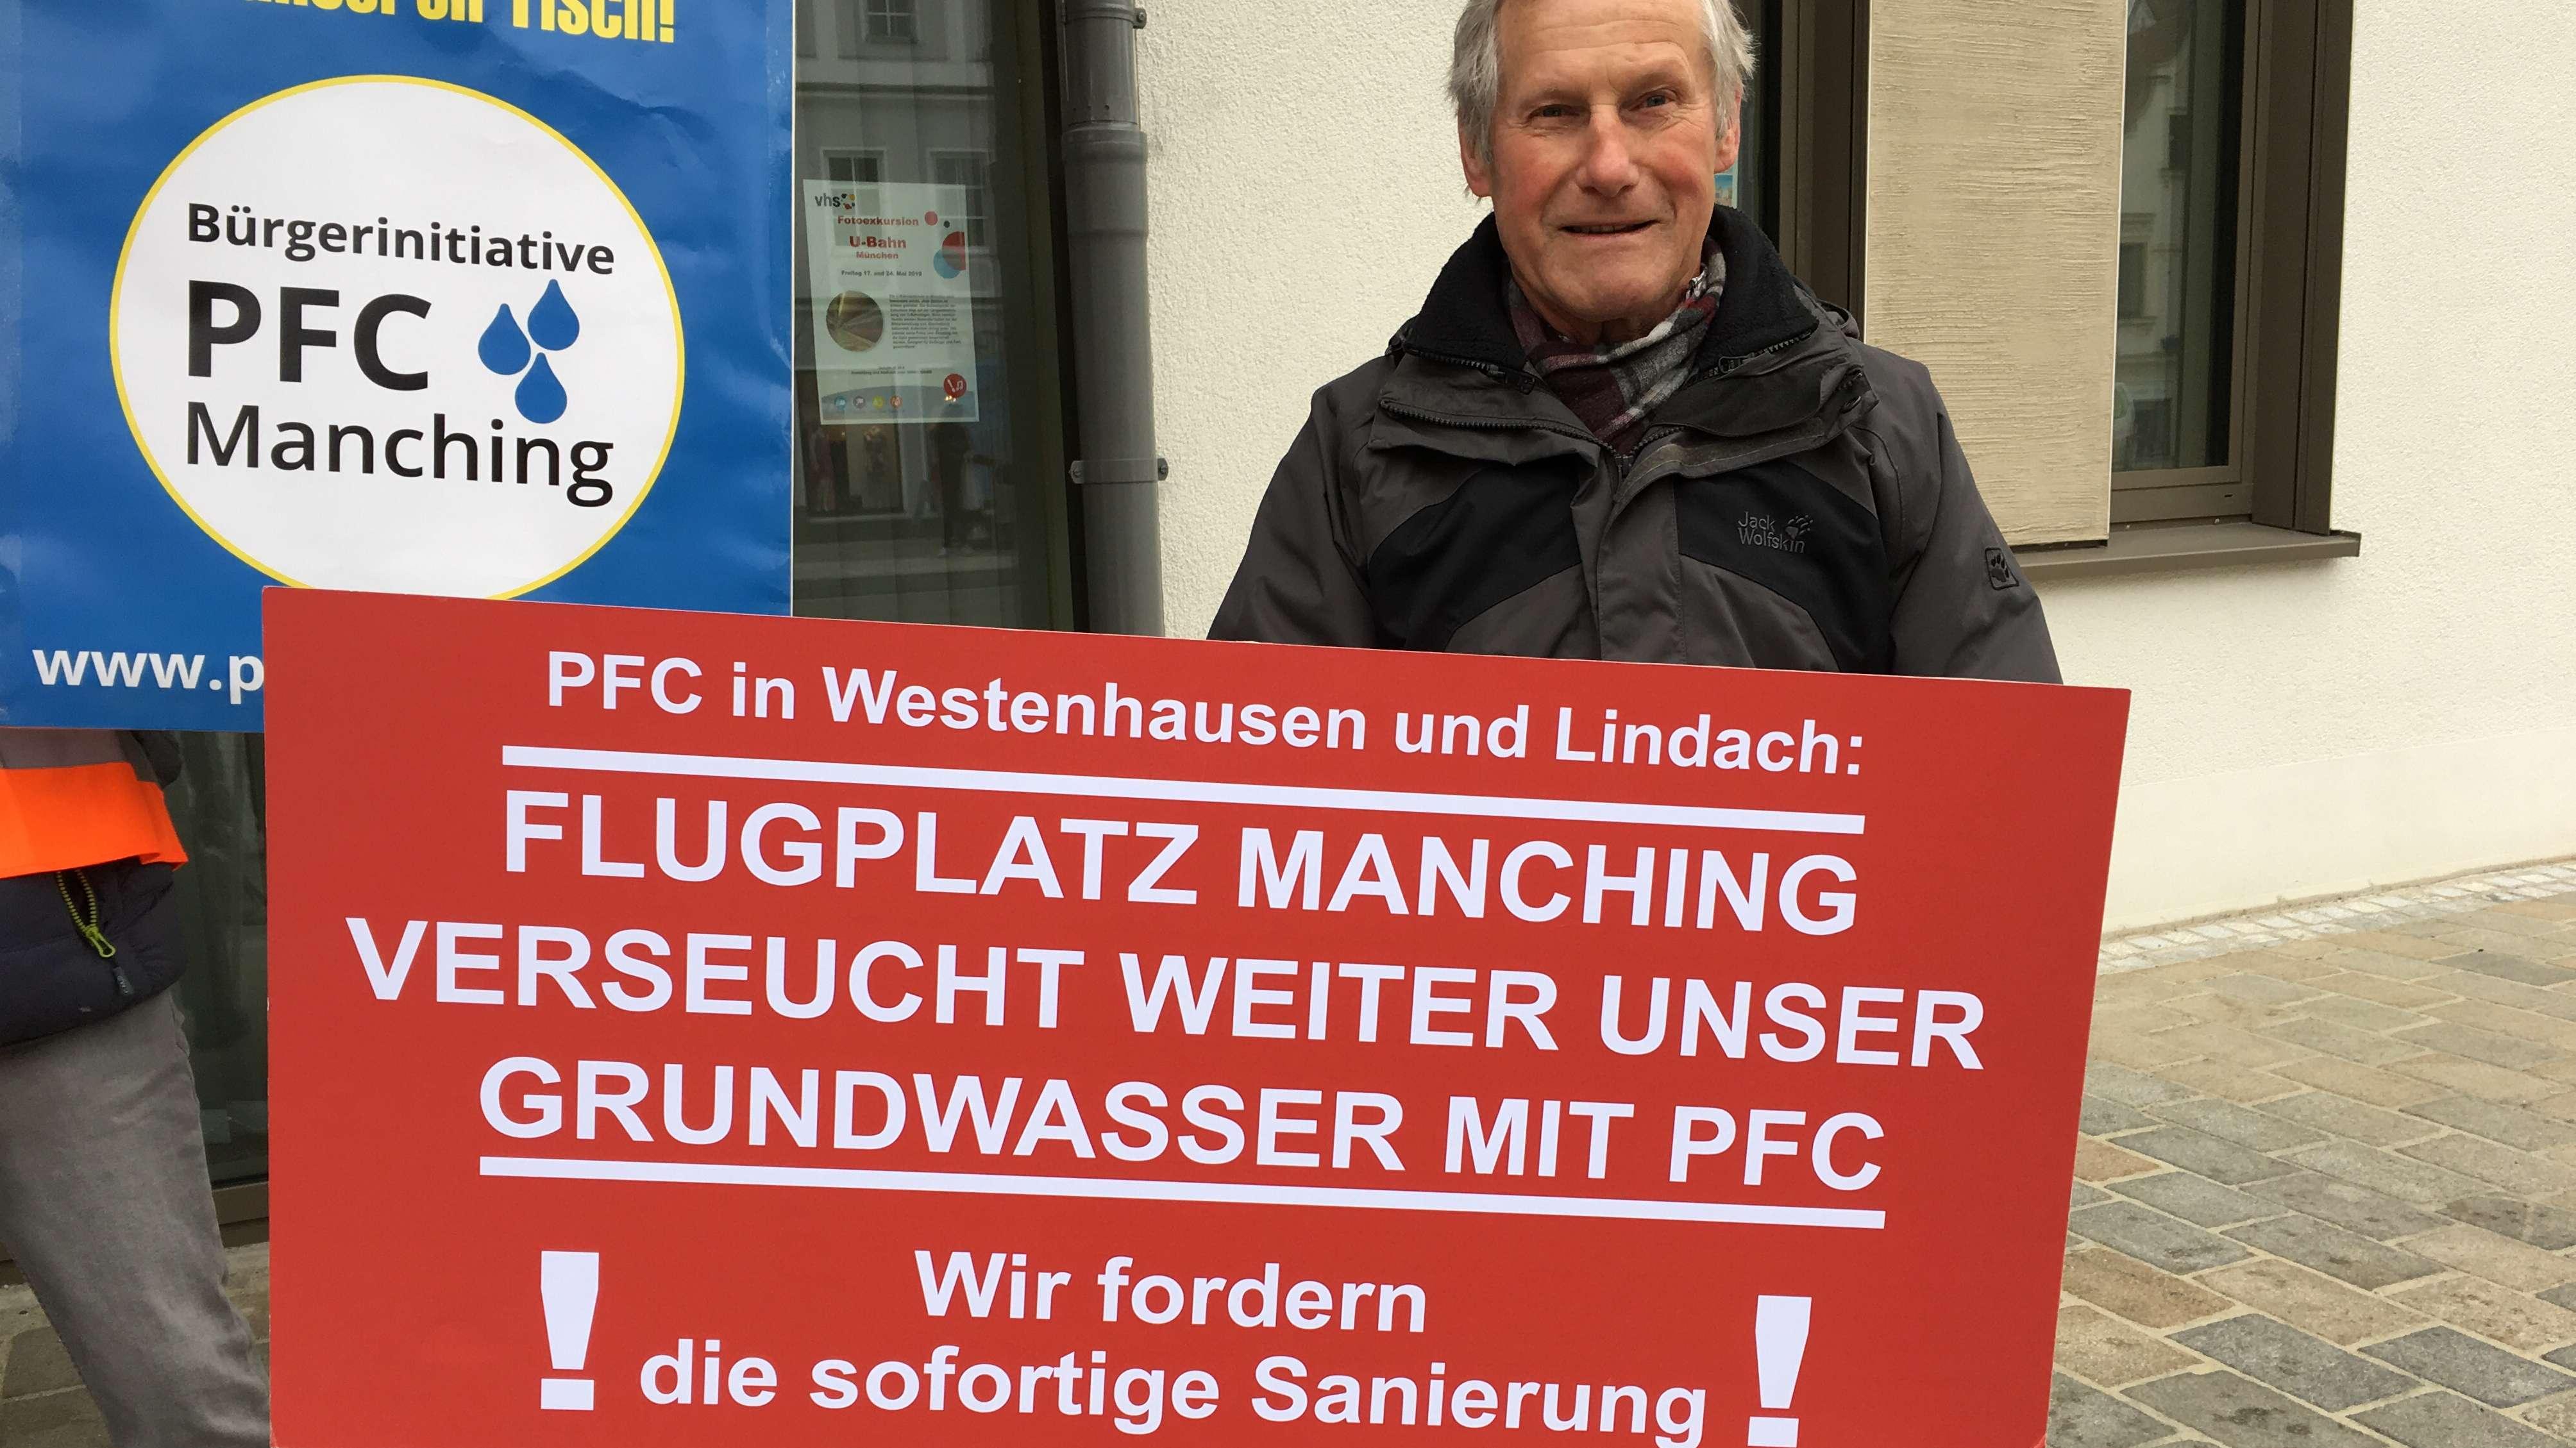 Protest gegen PFC-Verseuchung